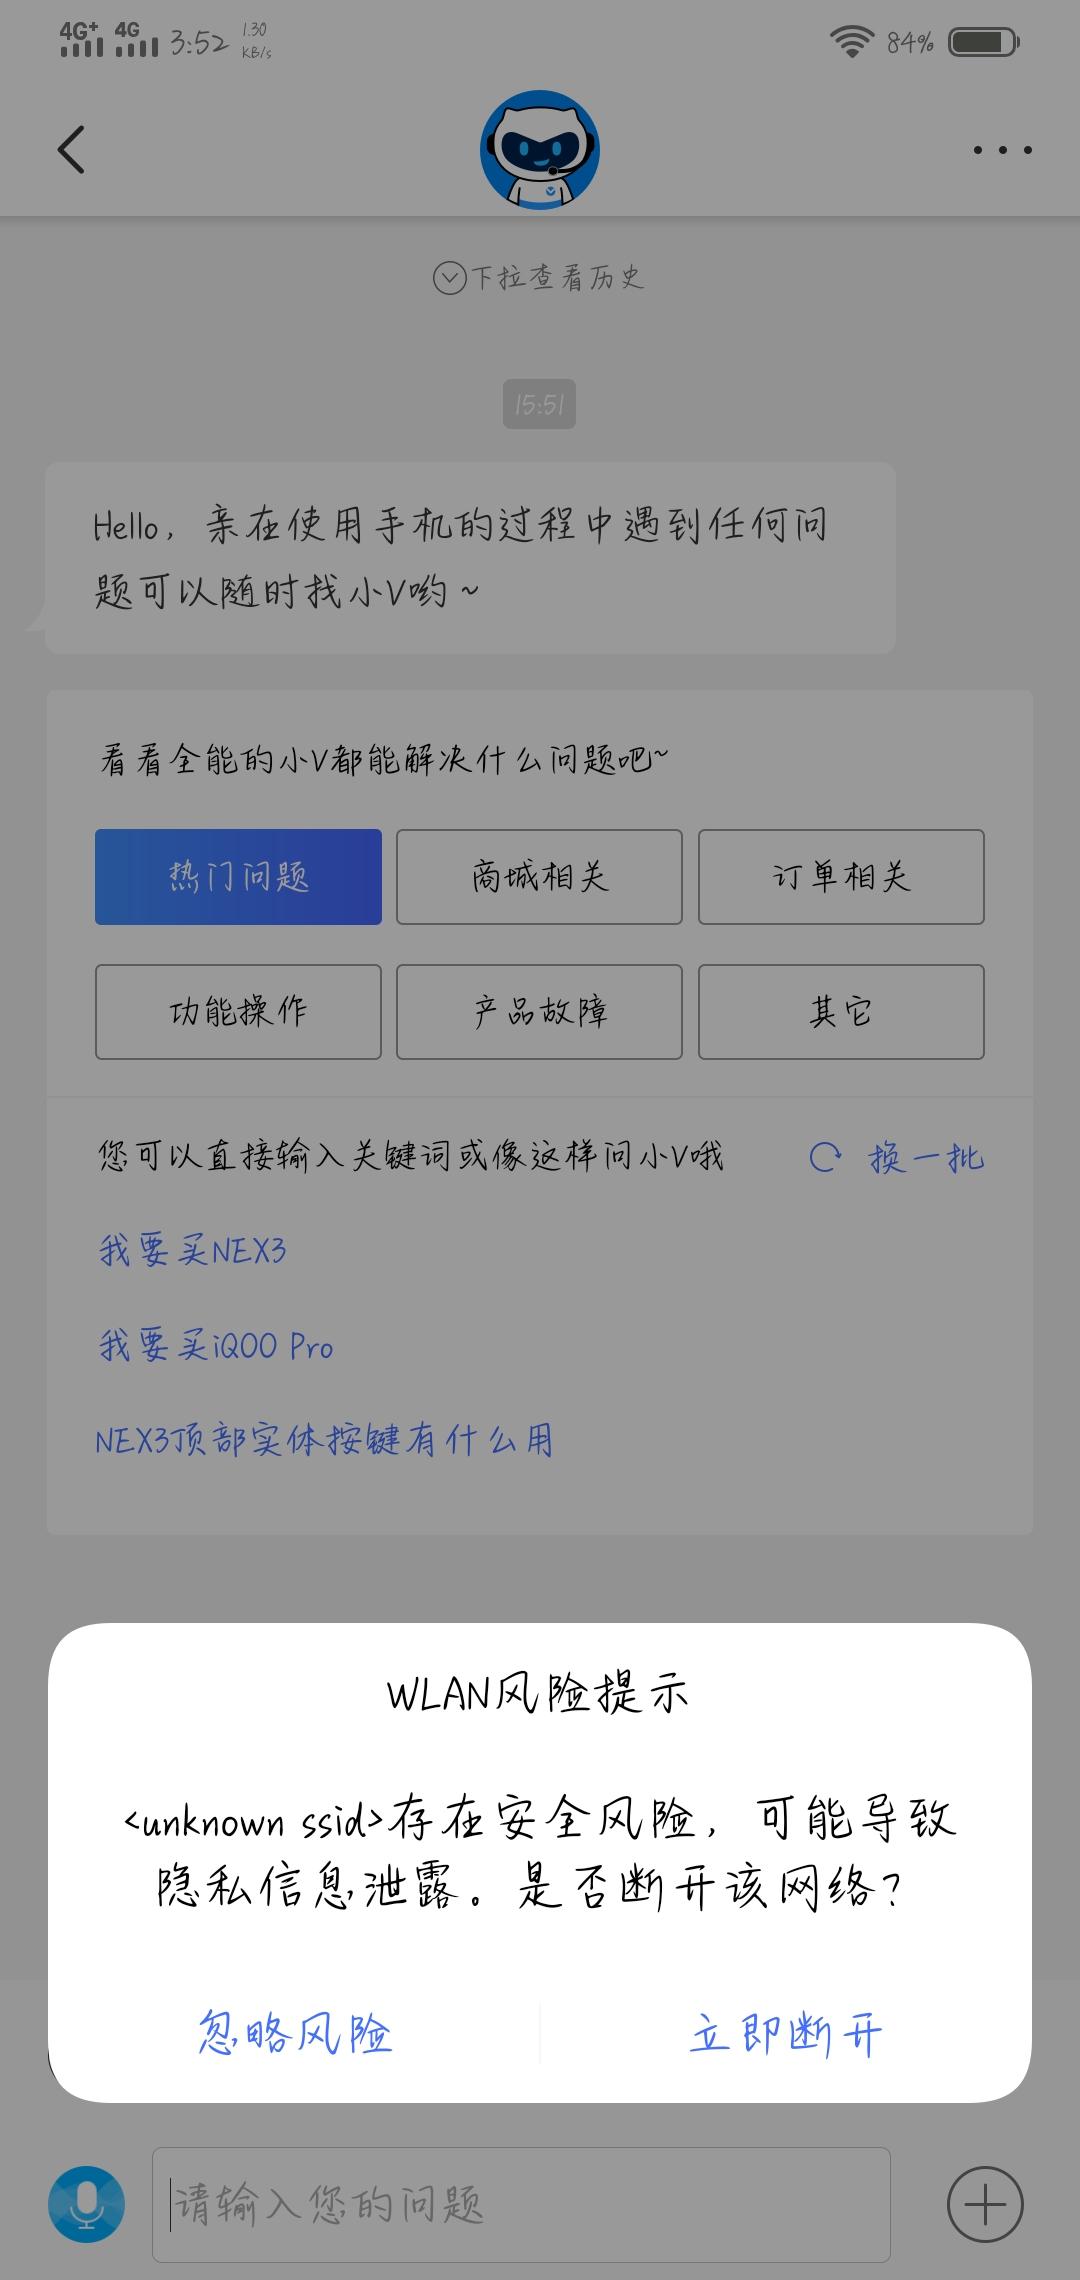 Screenshot_20191018_155200.jpg